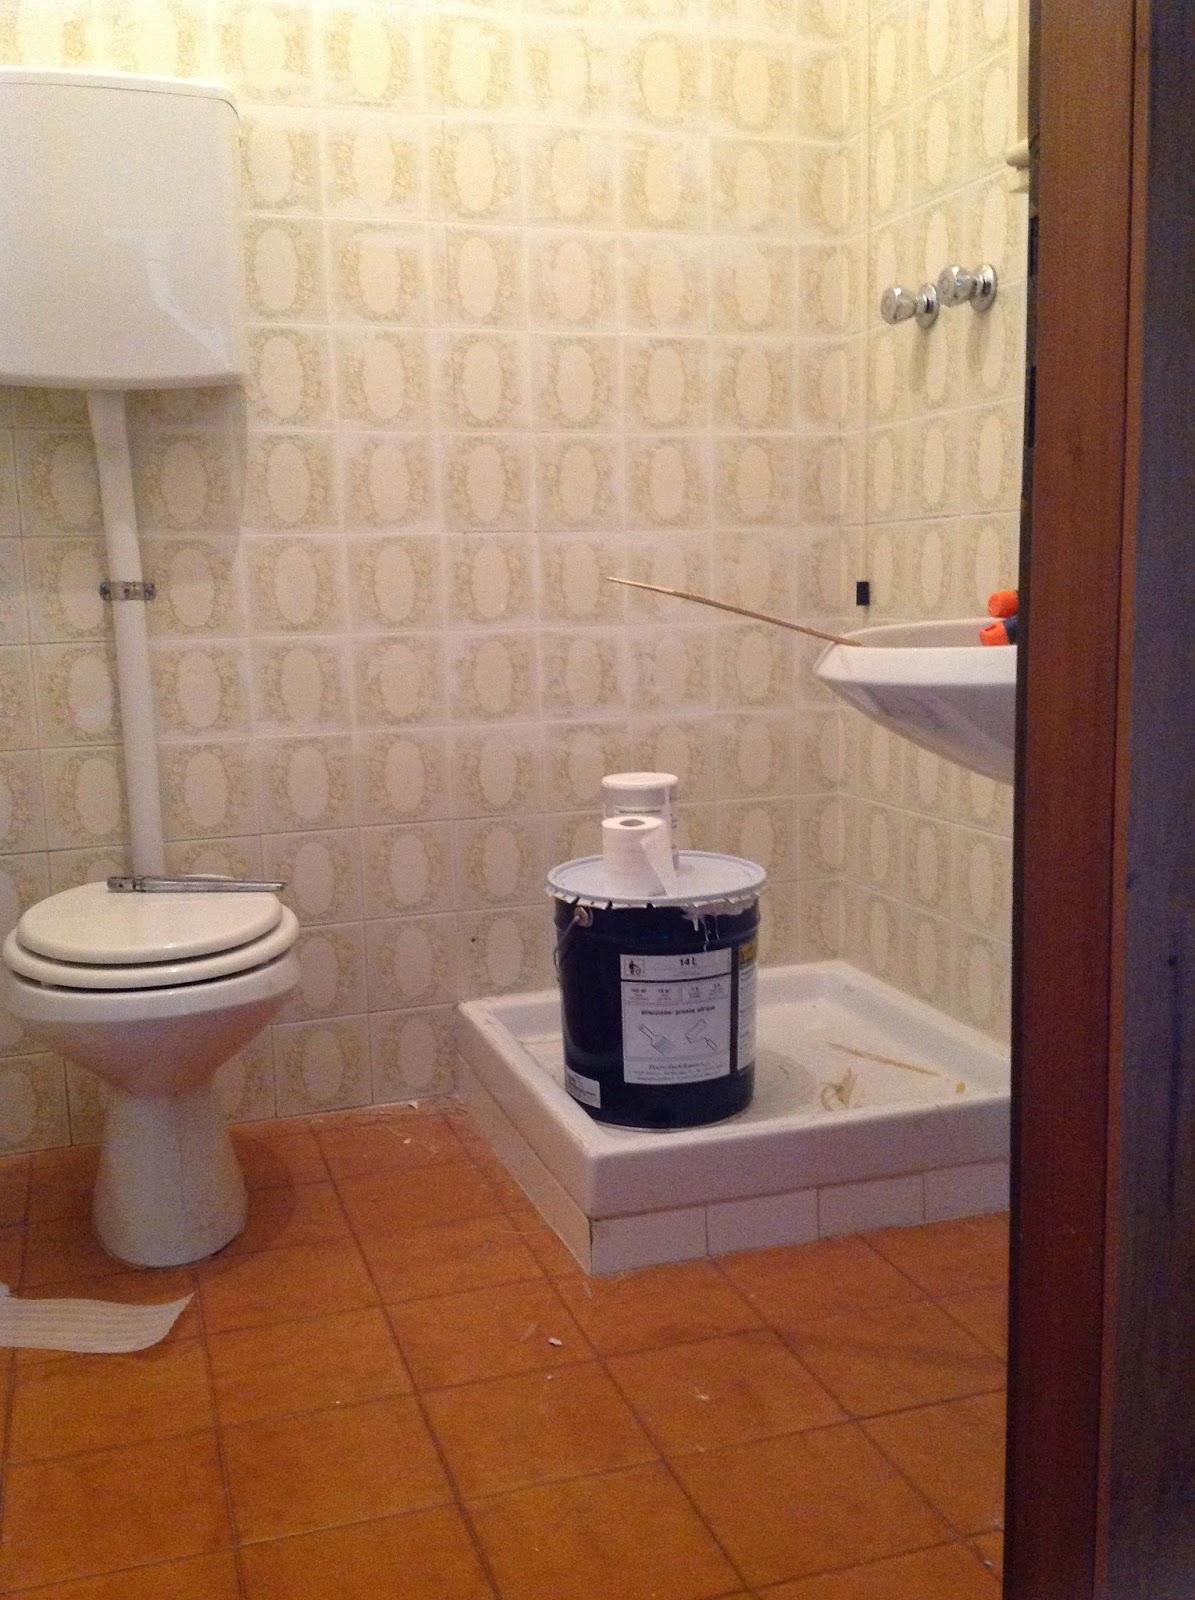 Coprire le piastrelle del bagno - Idee per rivestire un bagno ...